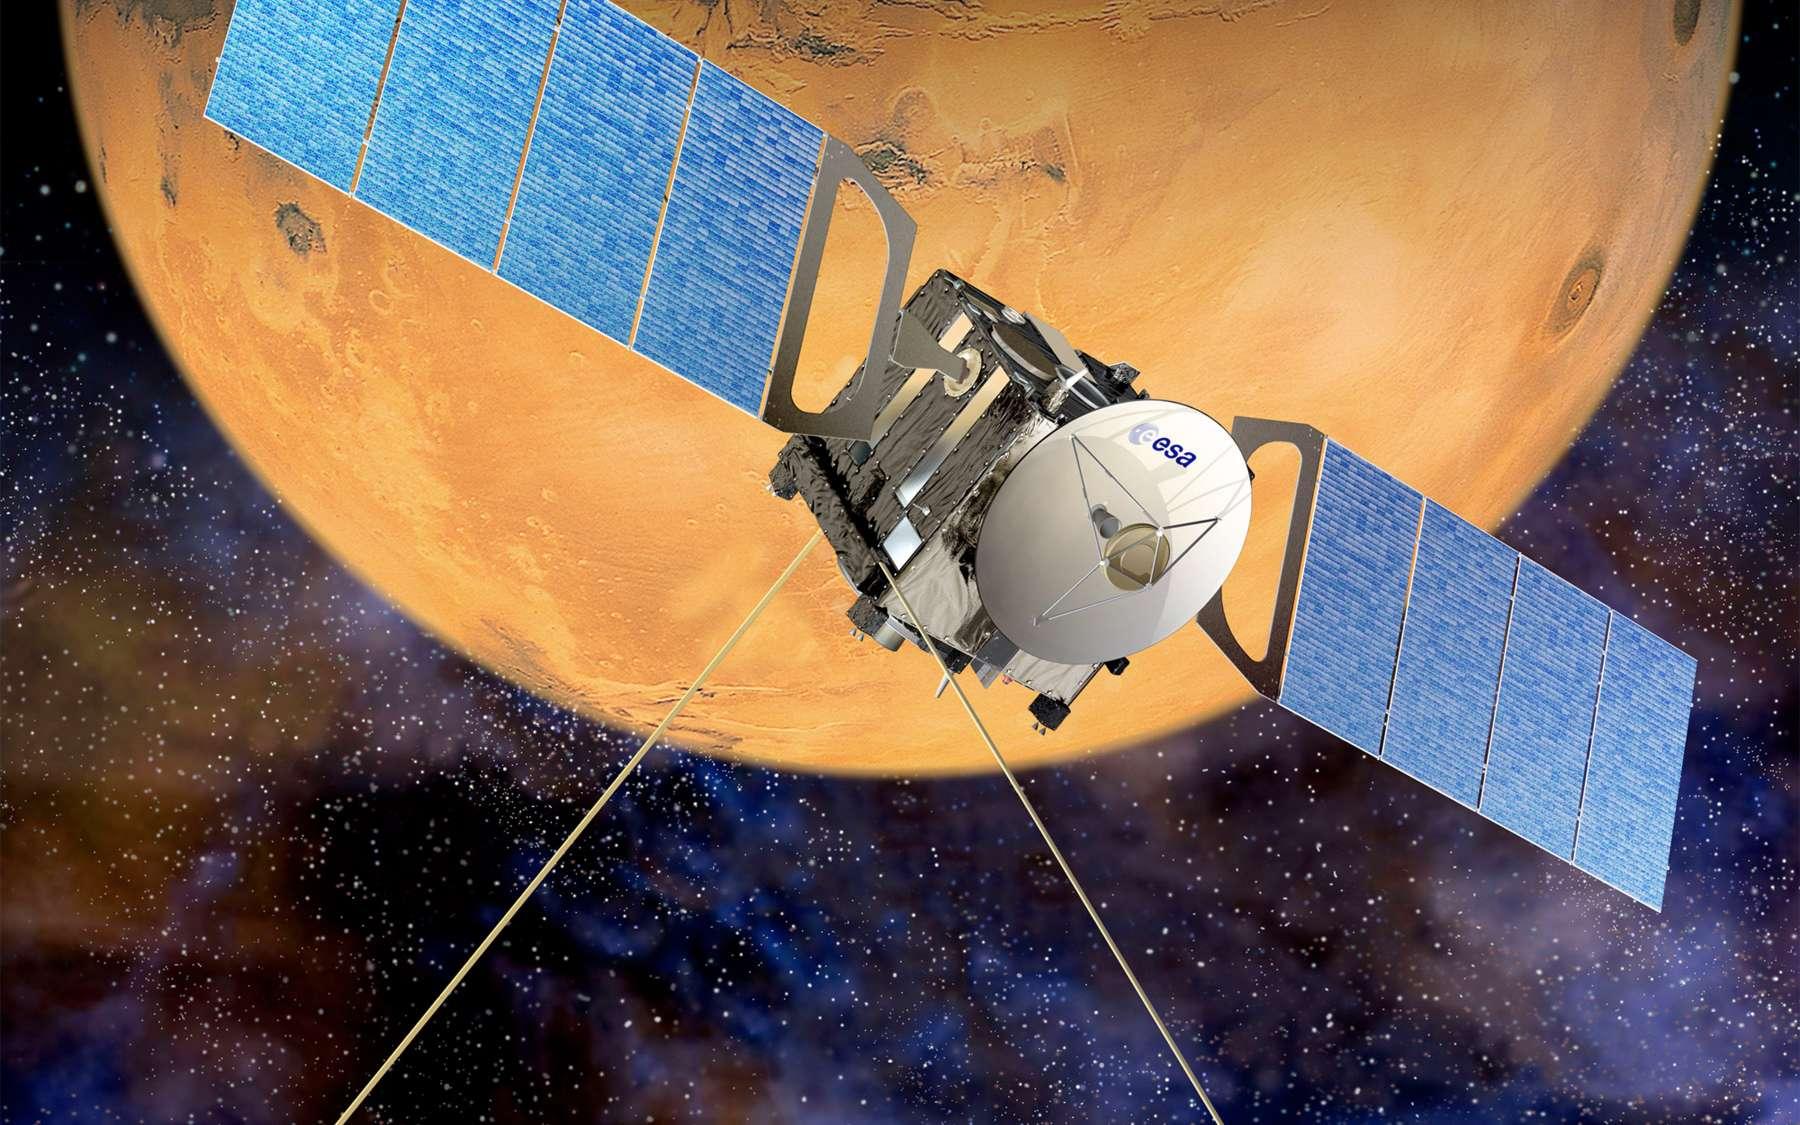 Lancée en 2003, la sonde Mars Express de l'Agence spatiale européenne a réalisé, le 26 janvier 2010, sa 7.777e révolution autour de la Planète rouge. Normalement, elle devrait fonctionner jusqu'en décembre 2014. © Esa/D. Ducros